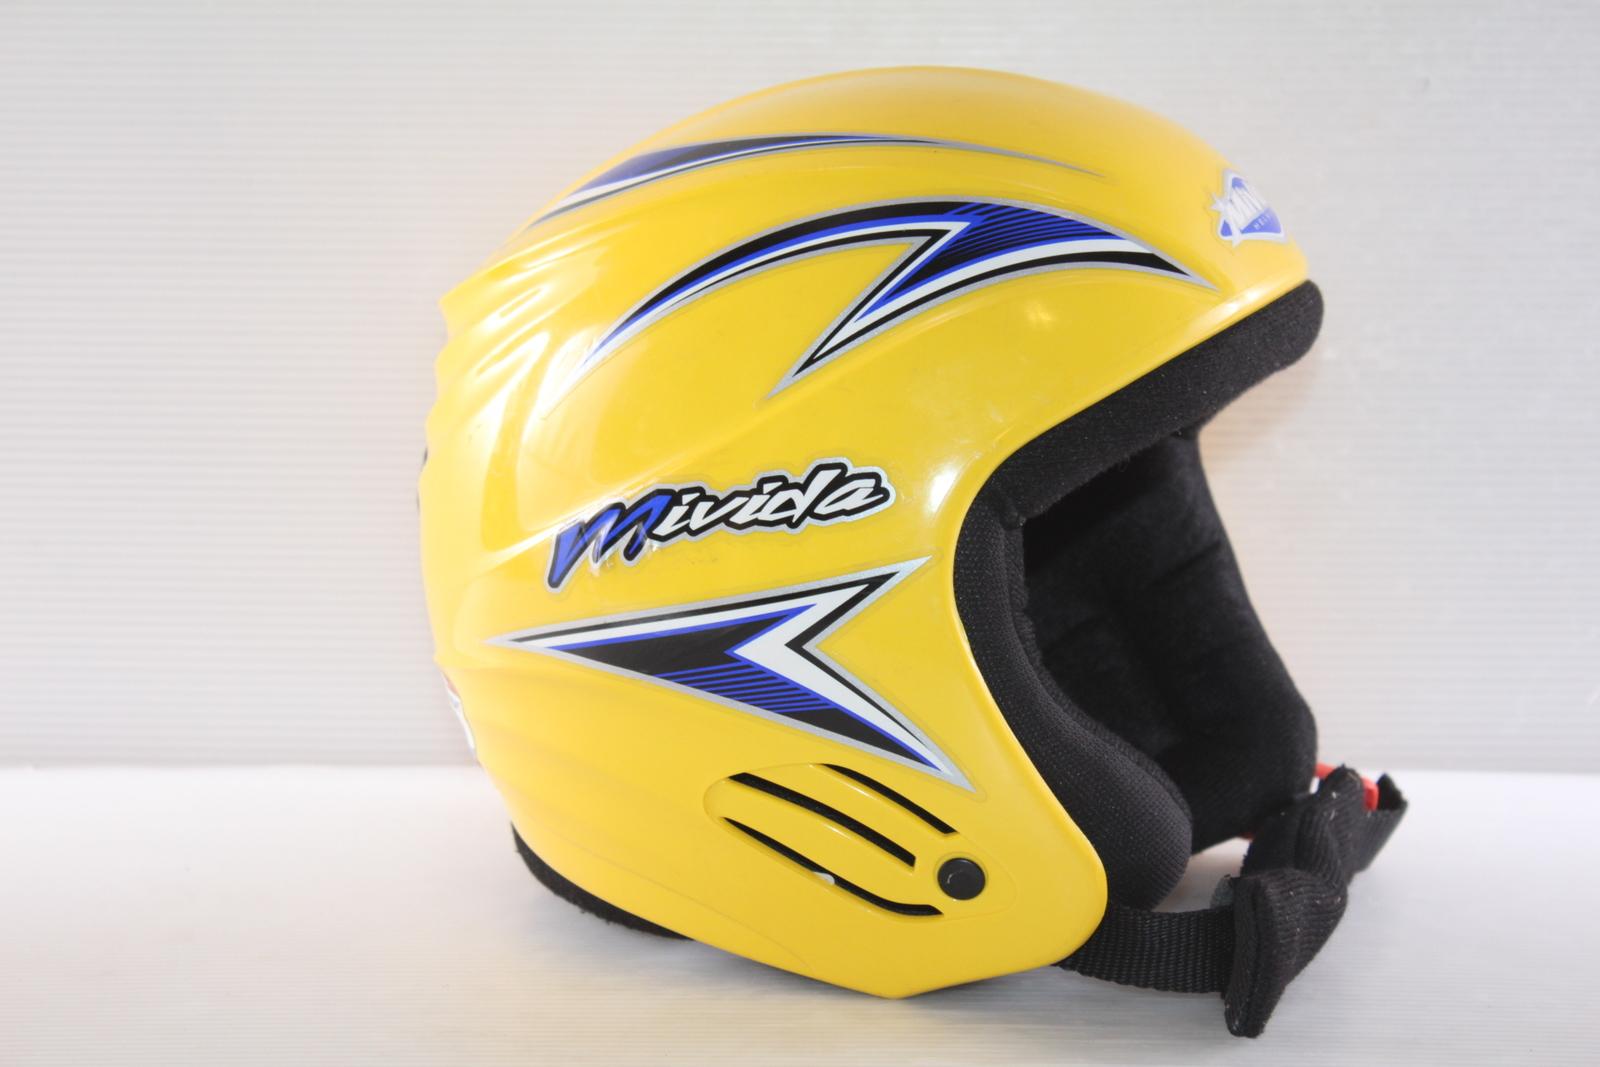 Dívčí lyžařská helma Mivida Mivida vel. 50